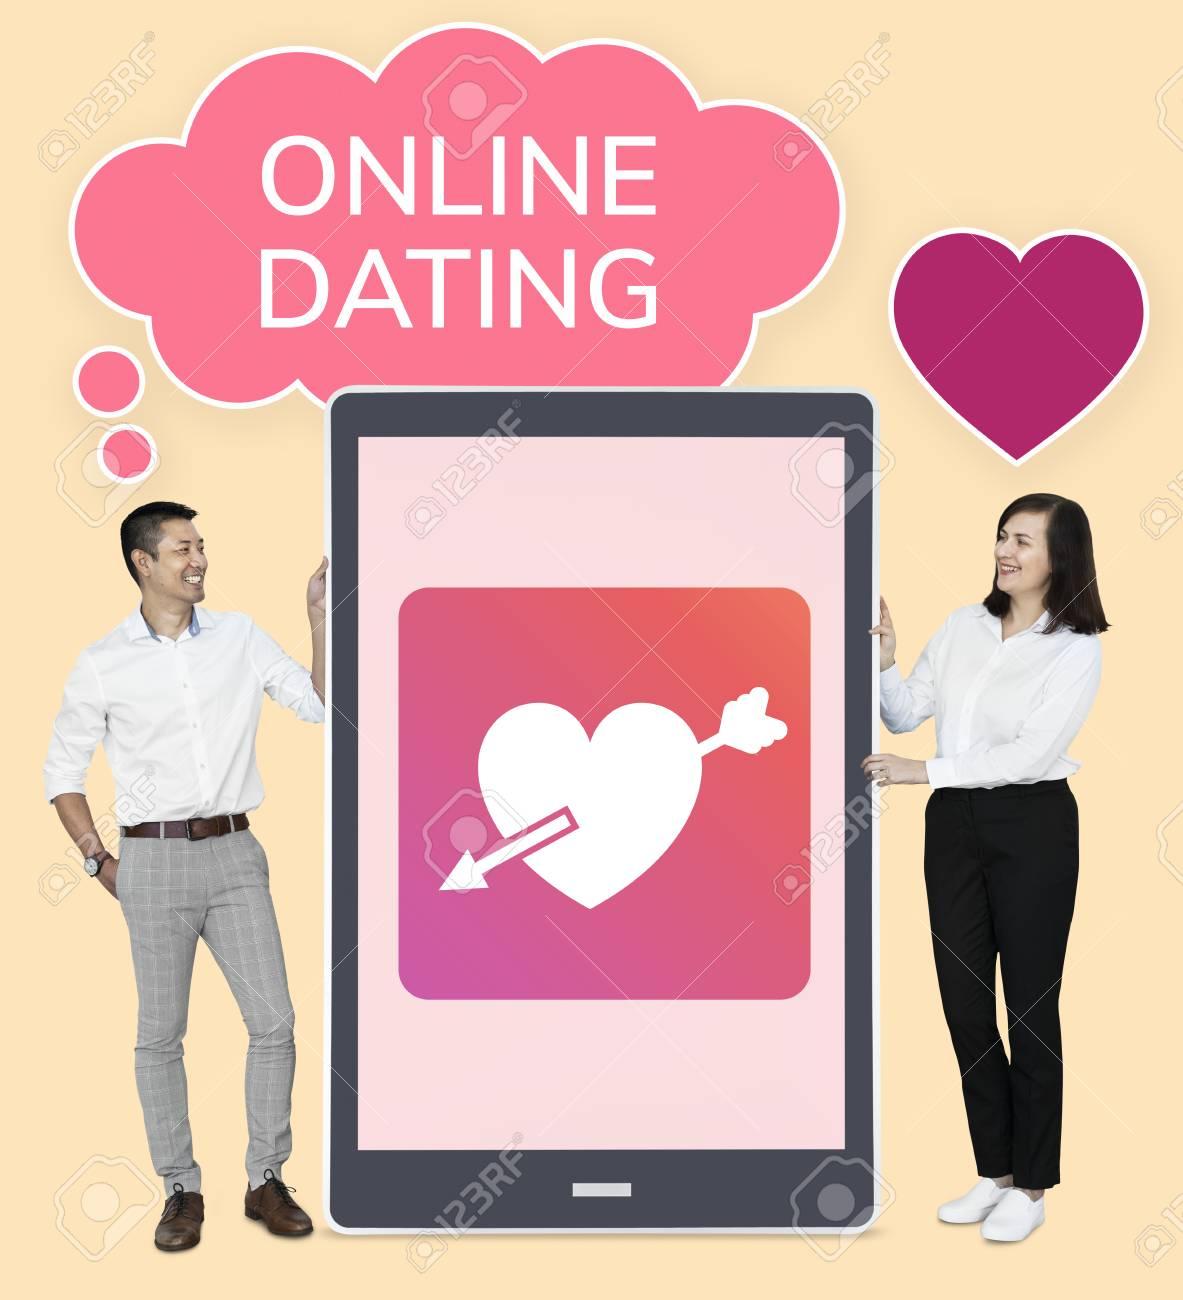 Die besten Profilfotos für Online-Dating 18 datiert 16 Jahre illegal